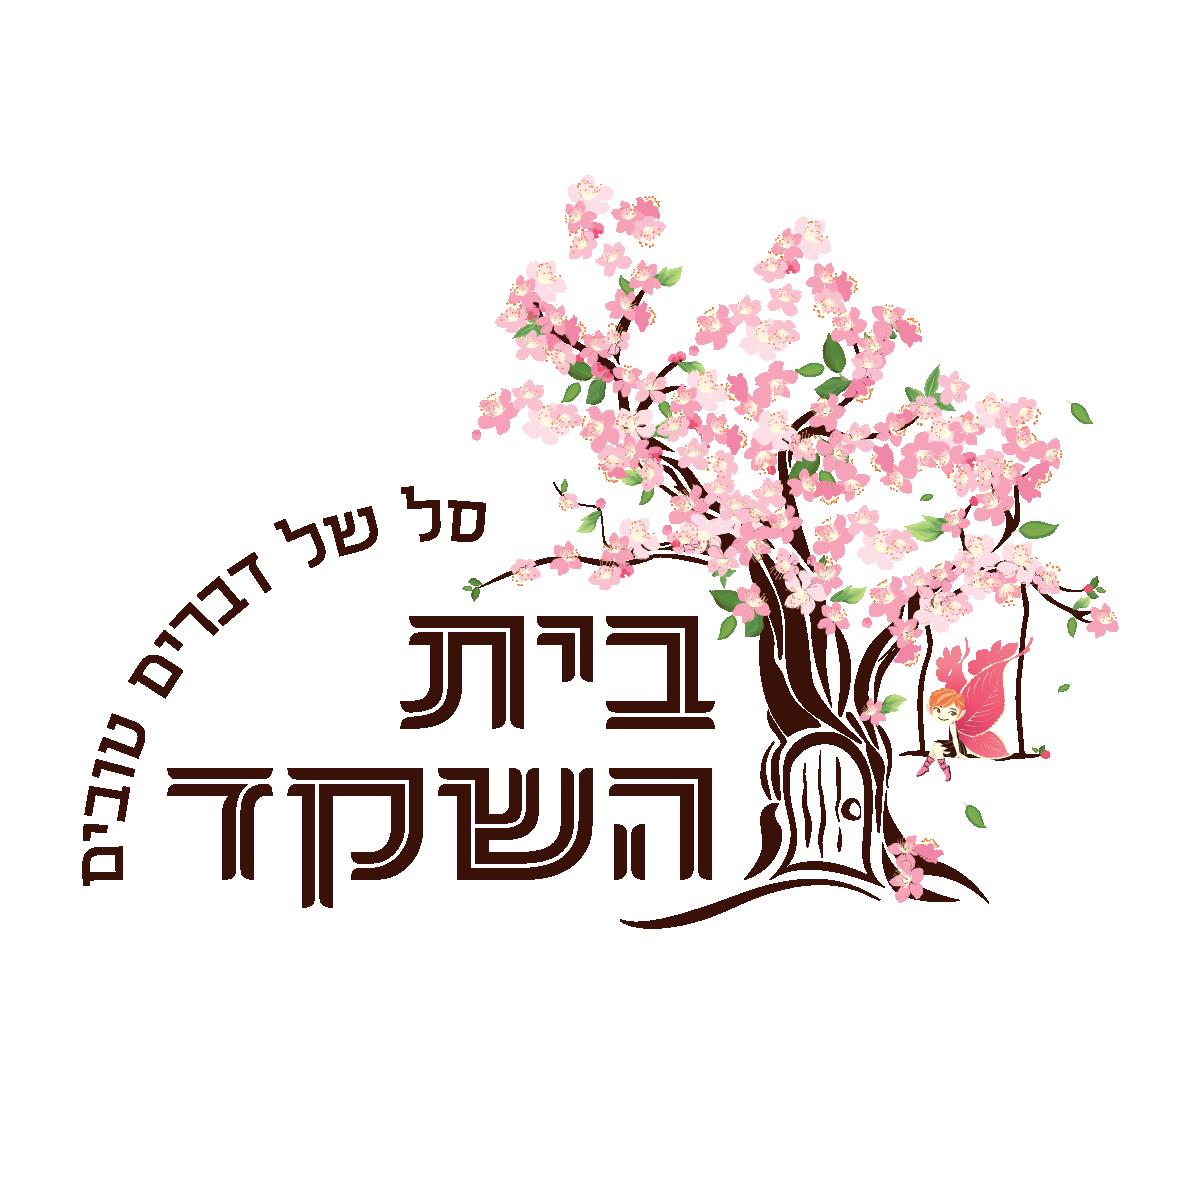 בית השקד לוגו